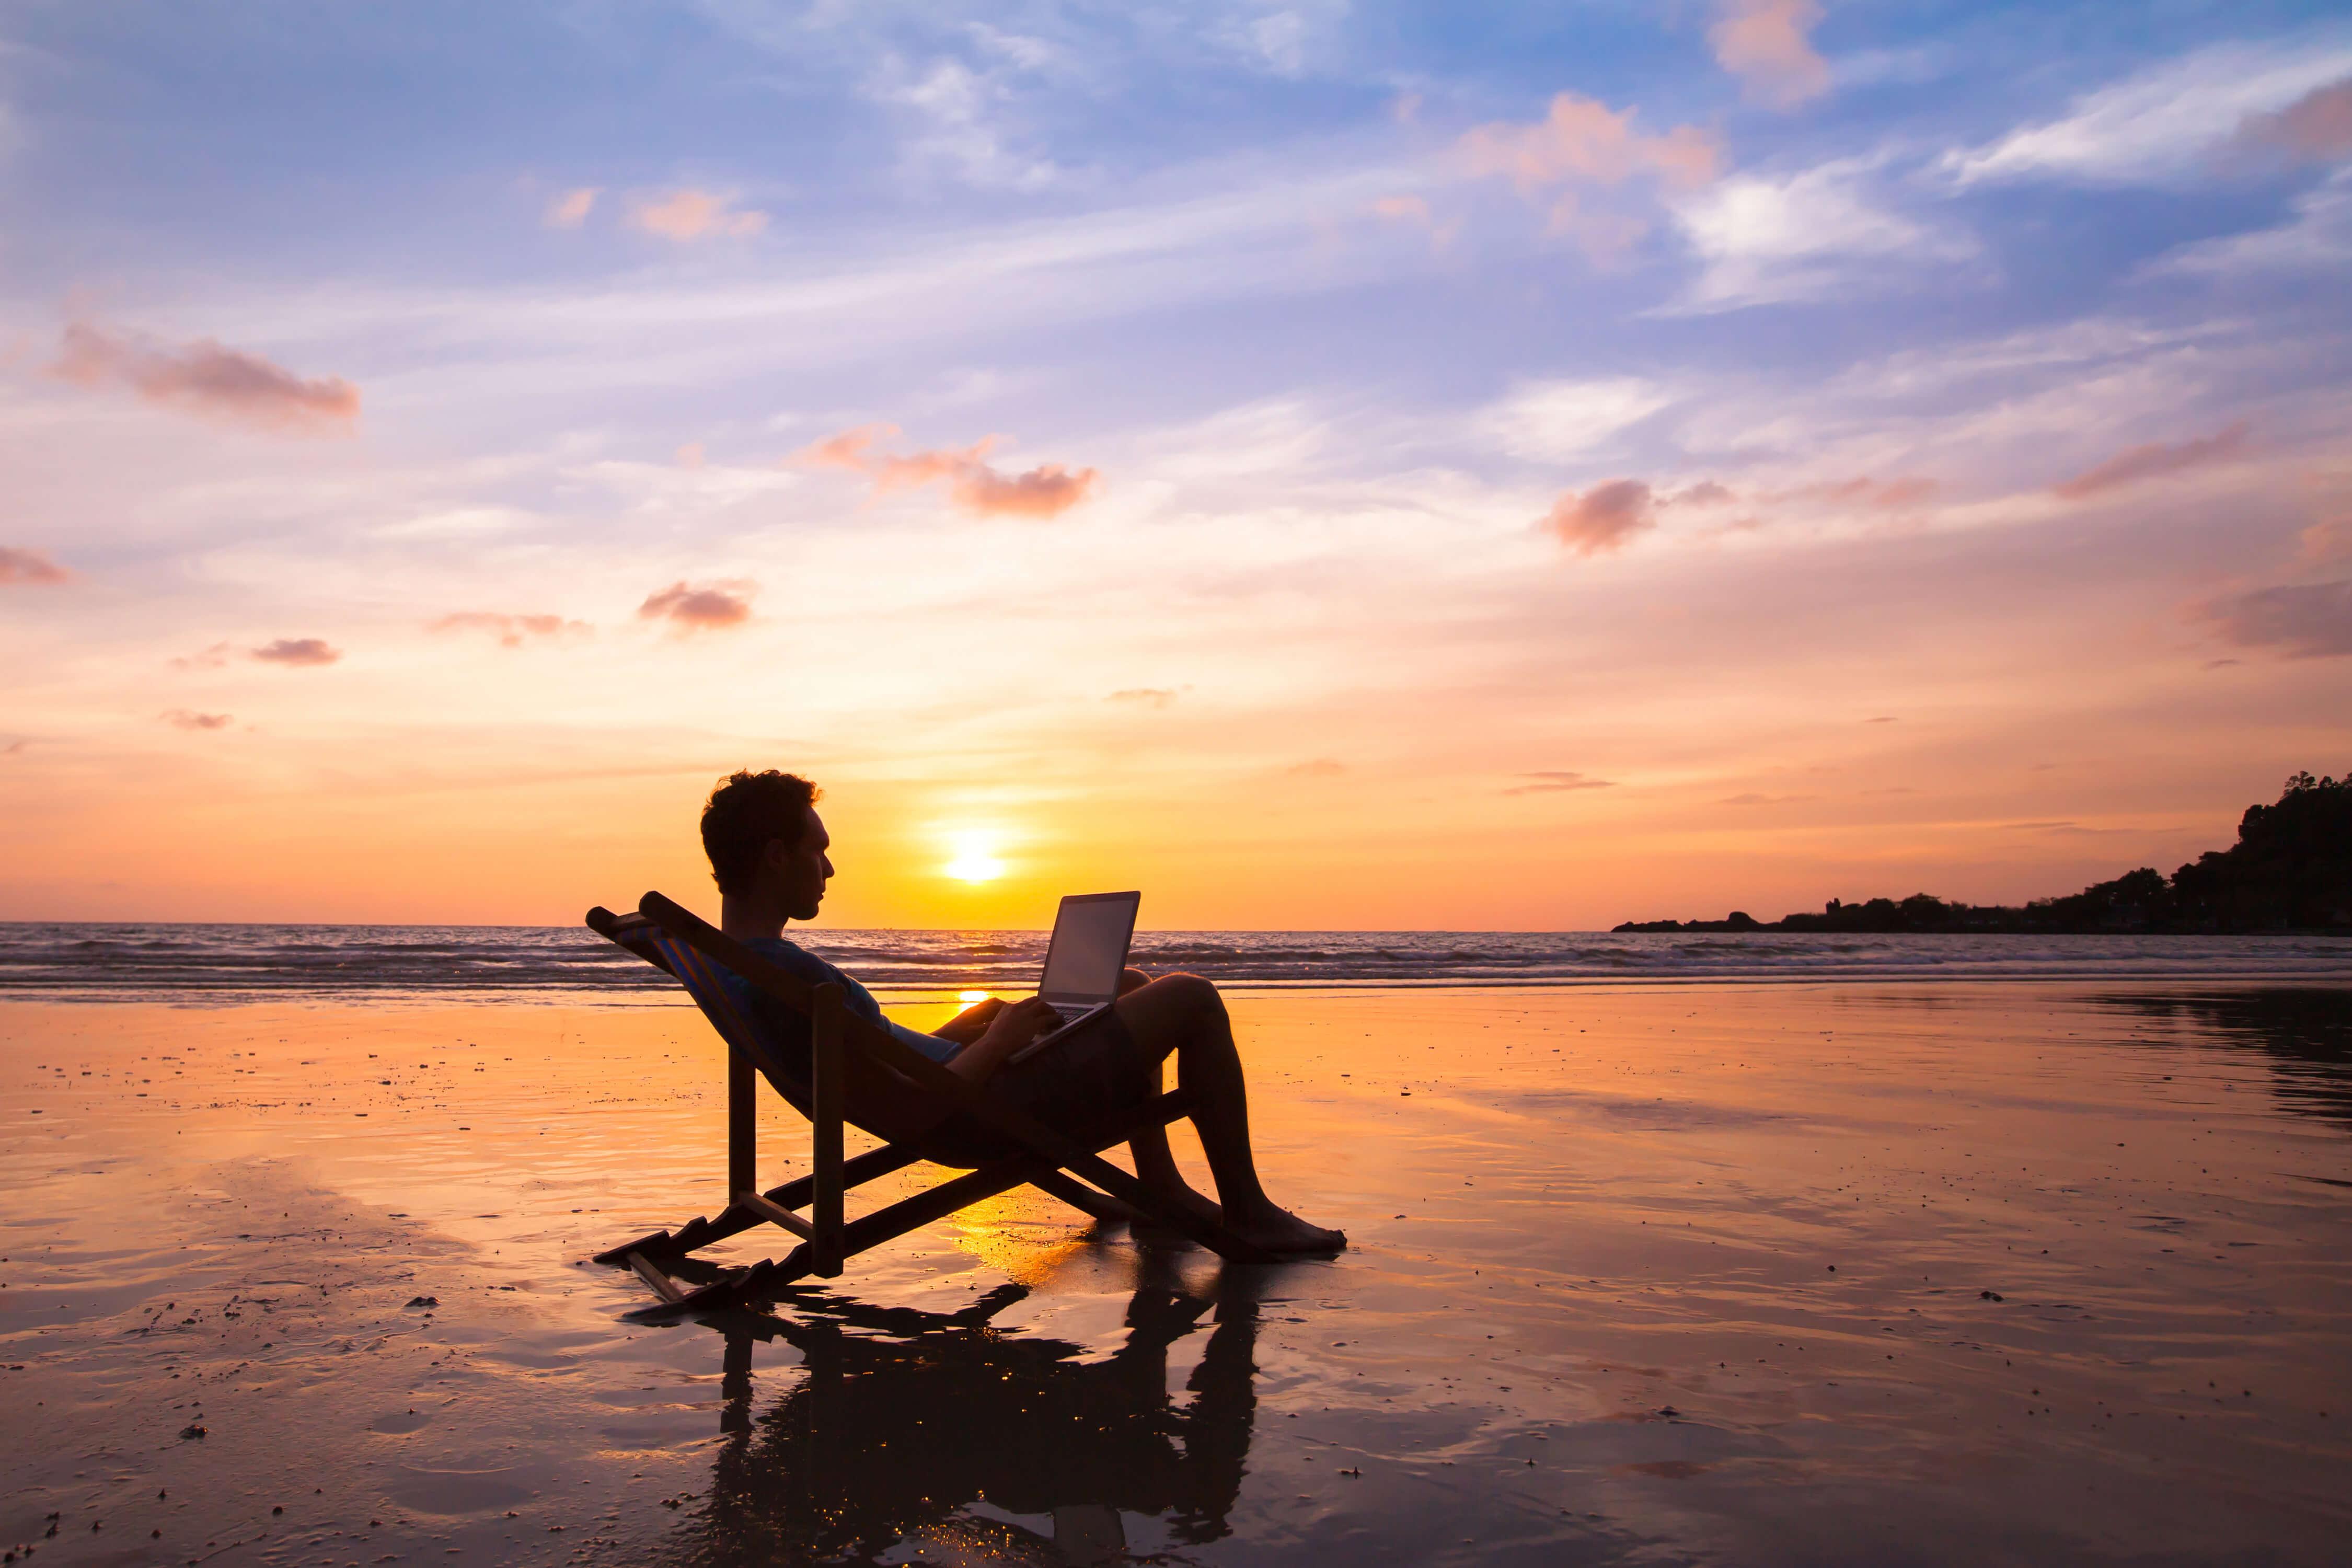 Funktionen der Online Lohnabrechnung mit lexoffice: Abwesenheiten wie Urlaub oder Krankheit